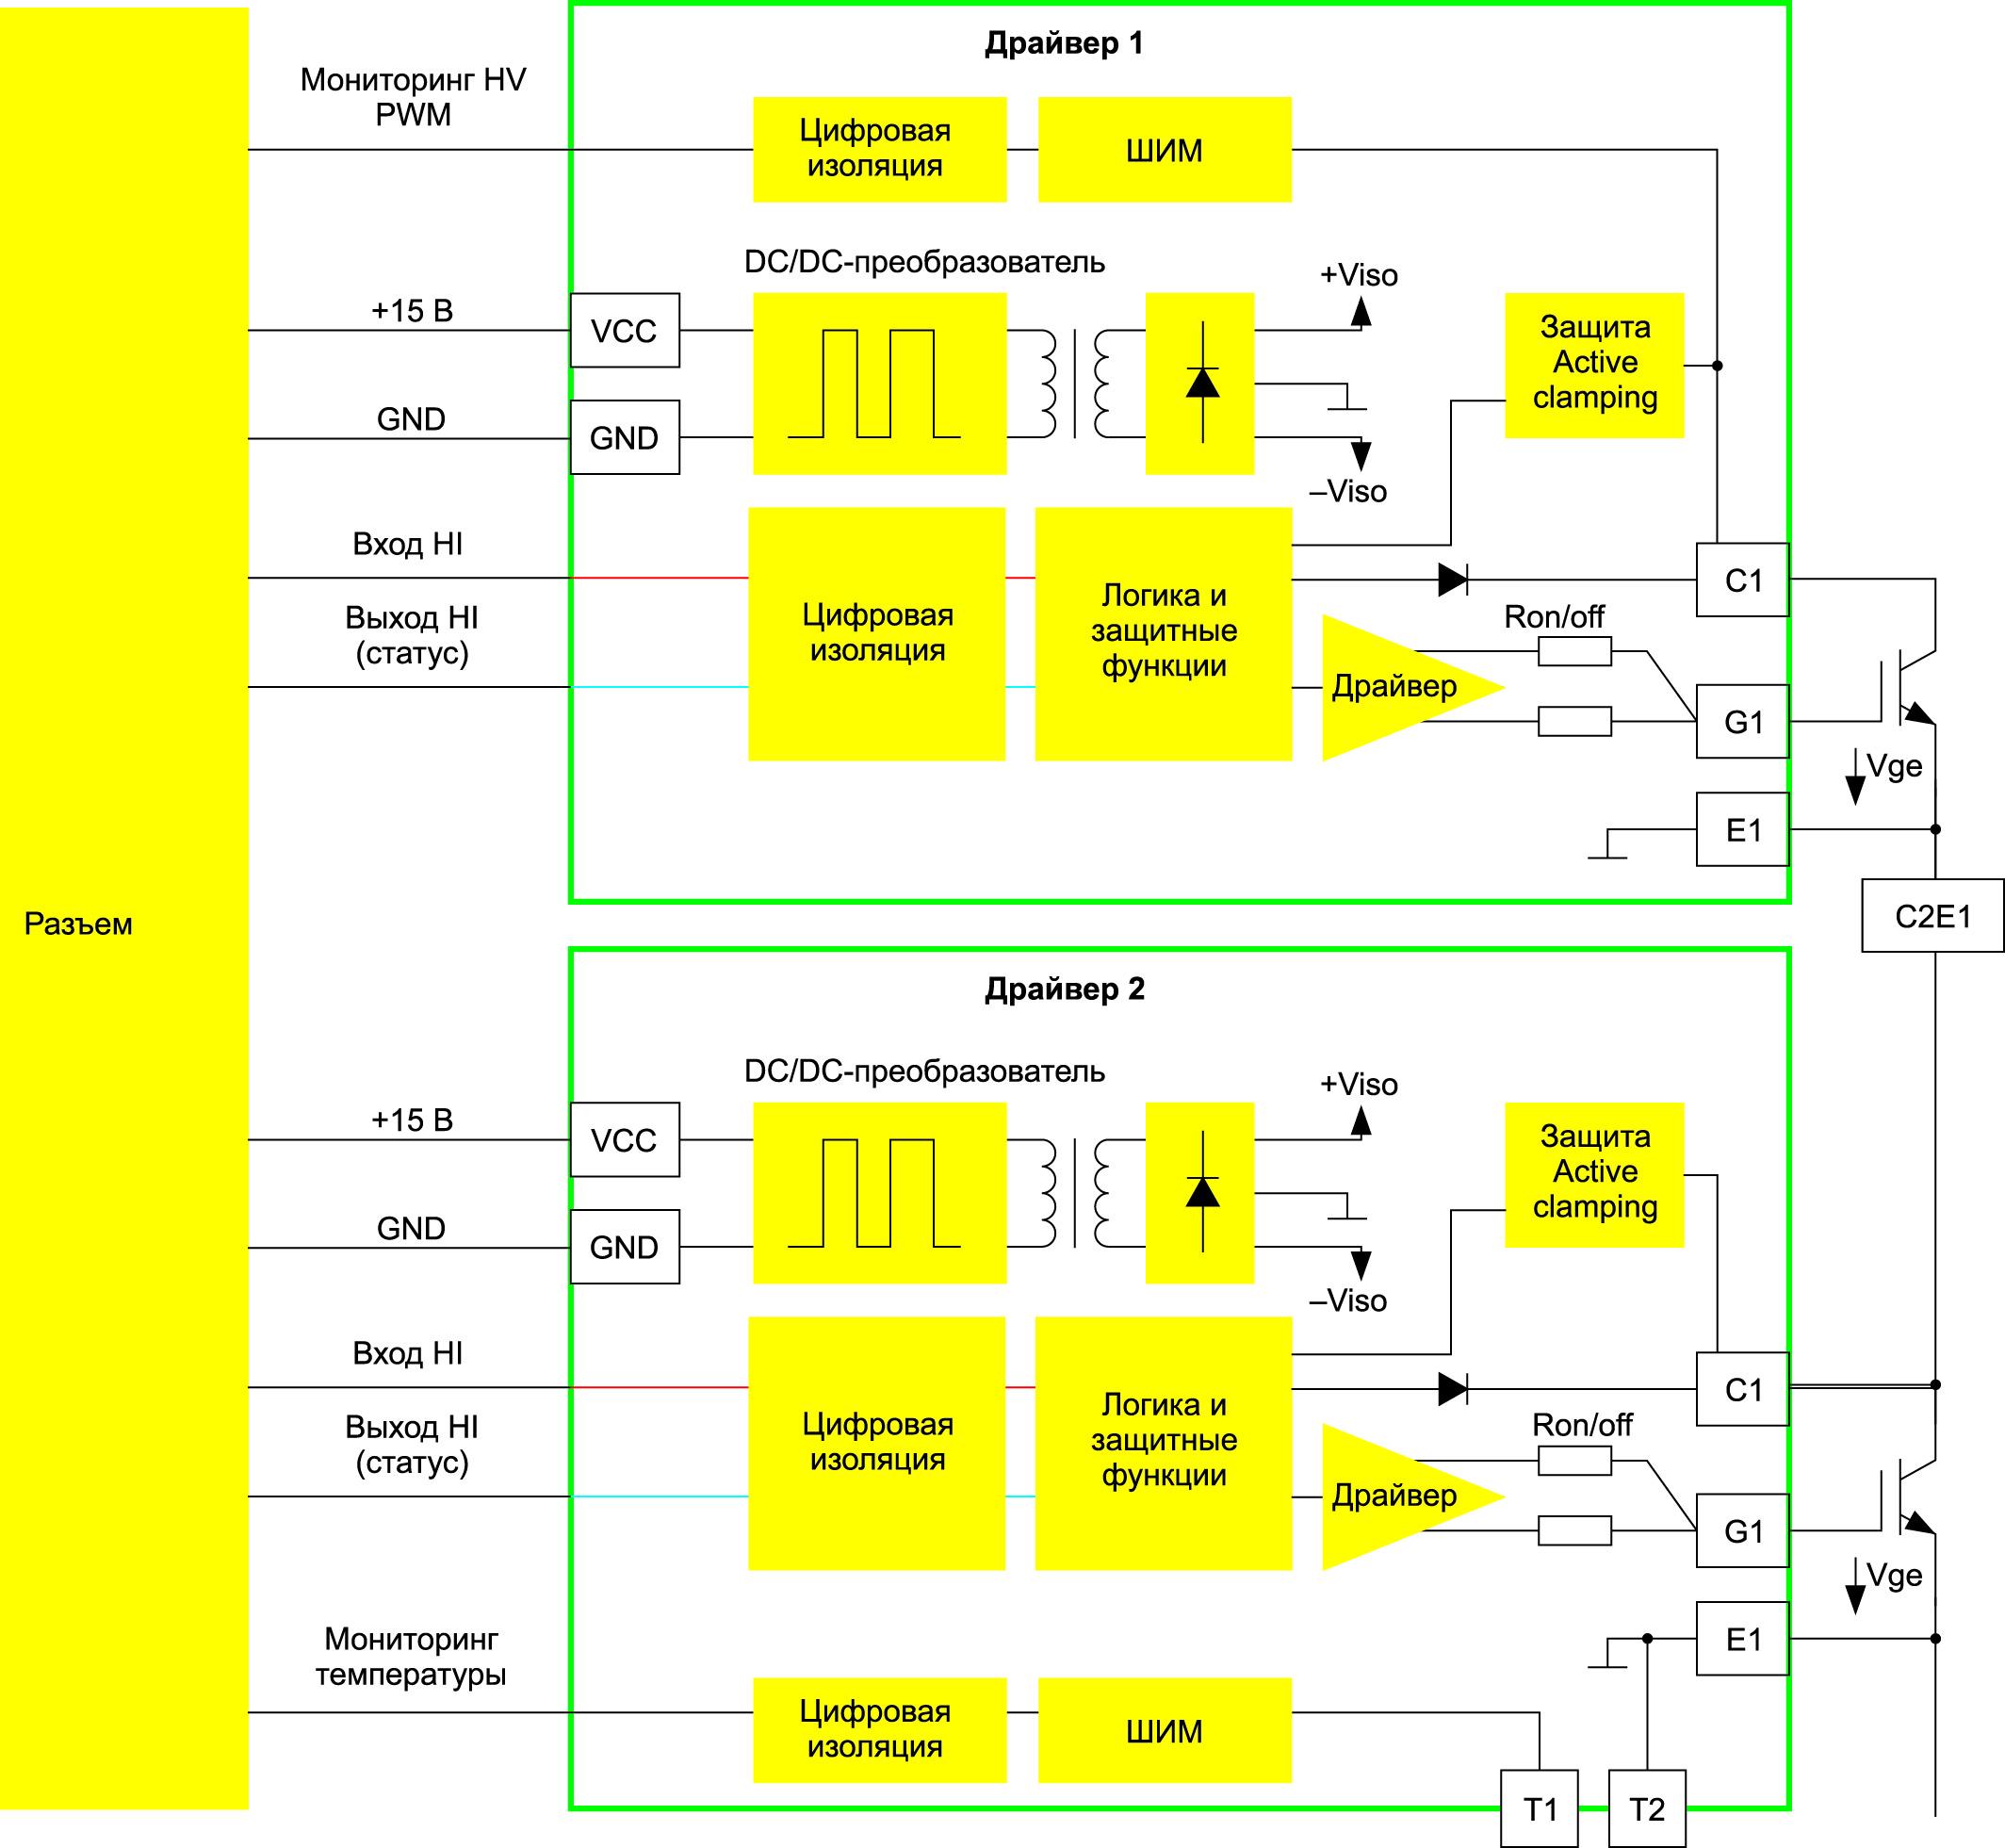 Структурная схема драйверов EDEM2 и PPEM